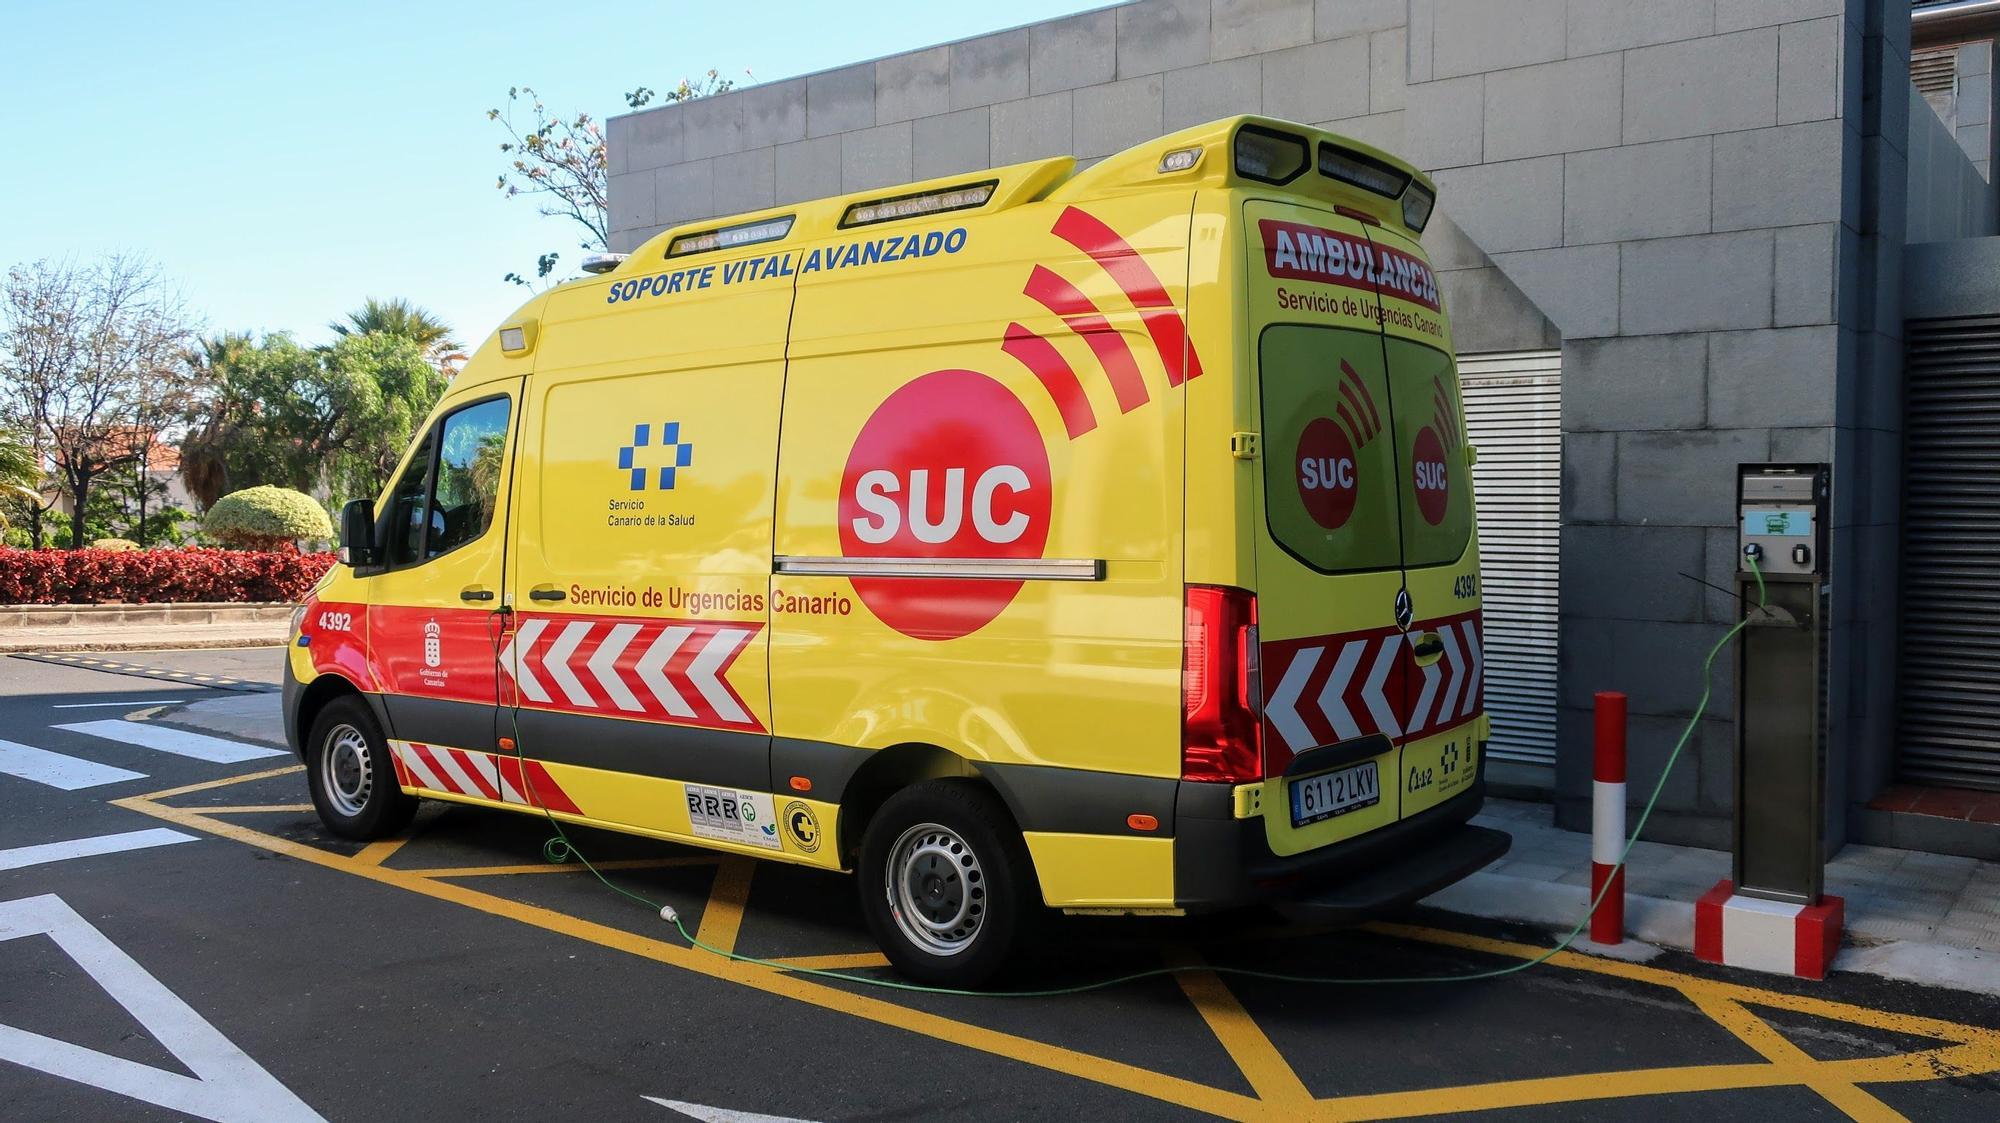 El Hospital de La Candelaria mejora las instalaciones de ambulancias del SUC